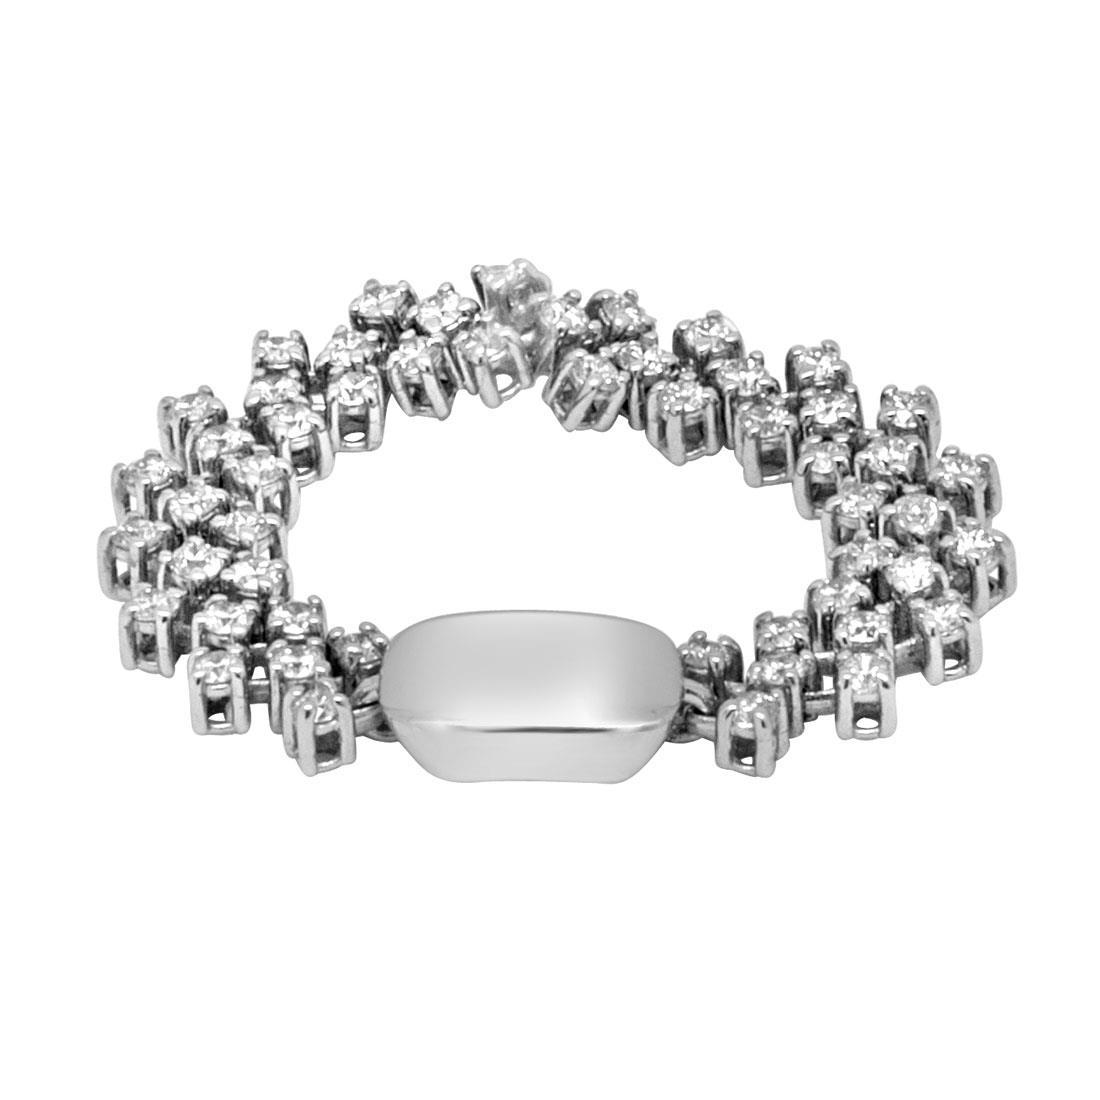 Anello cashmere in oro bianco con diamanti mis 17 - ALFIERI ST JOHN